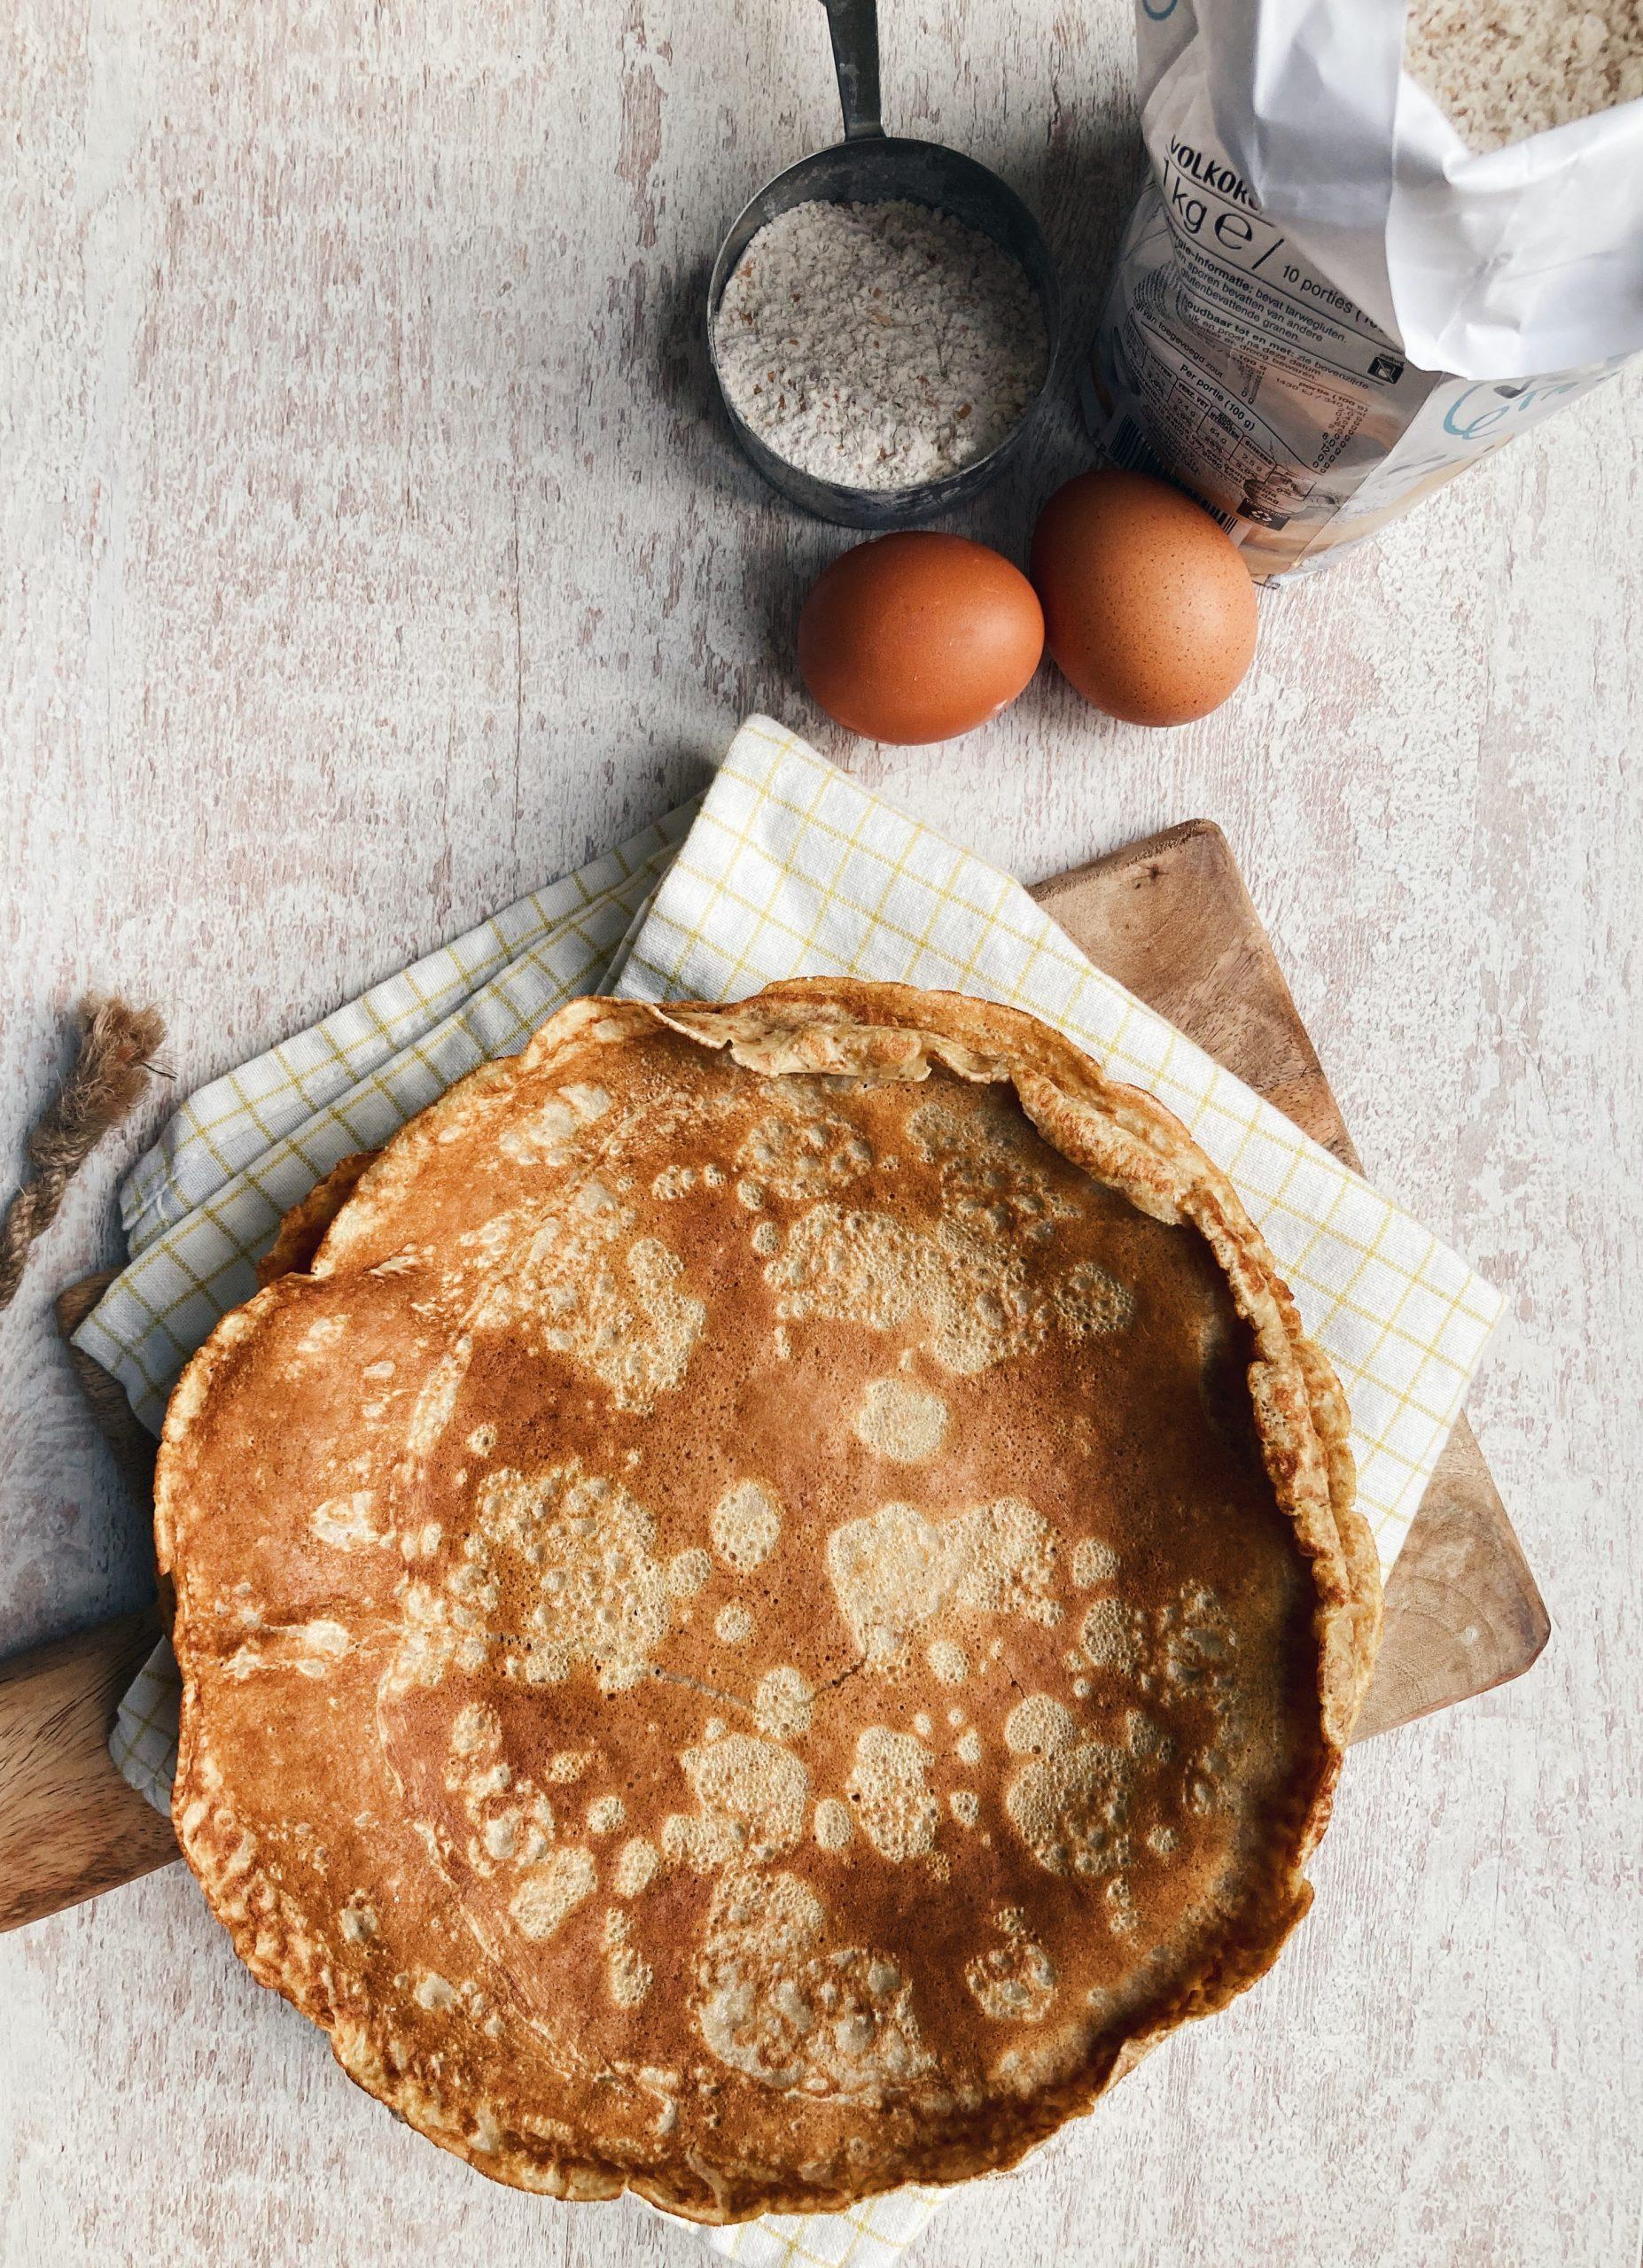 volkoren-pannenkoeken-gezond